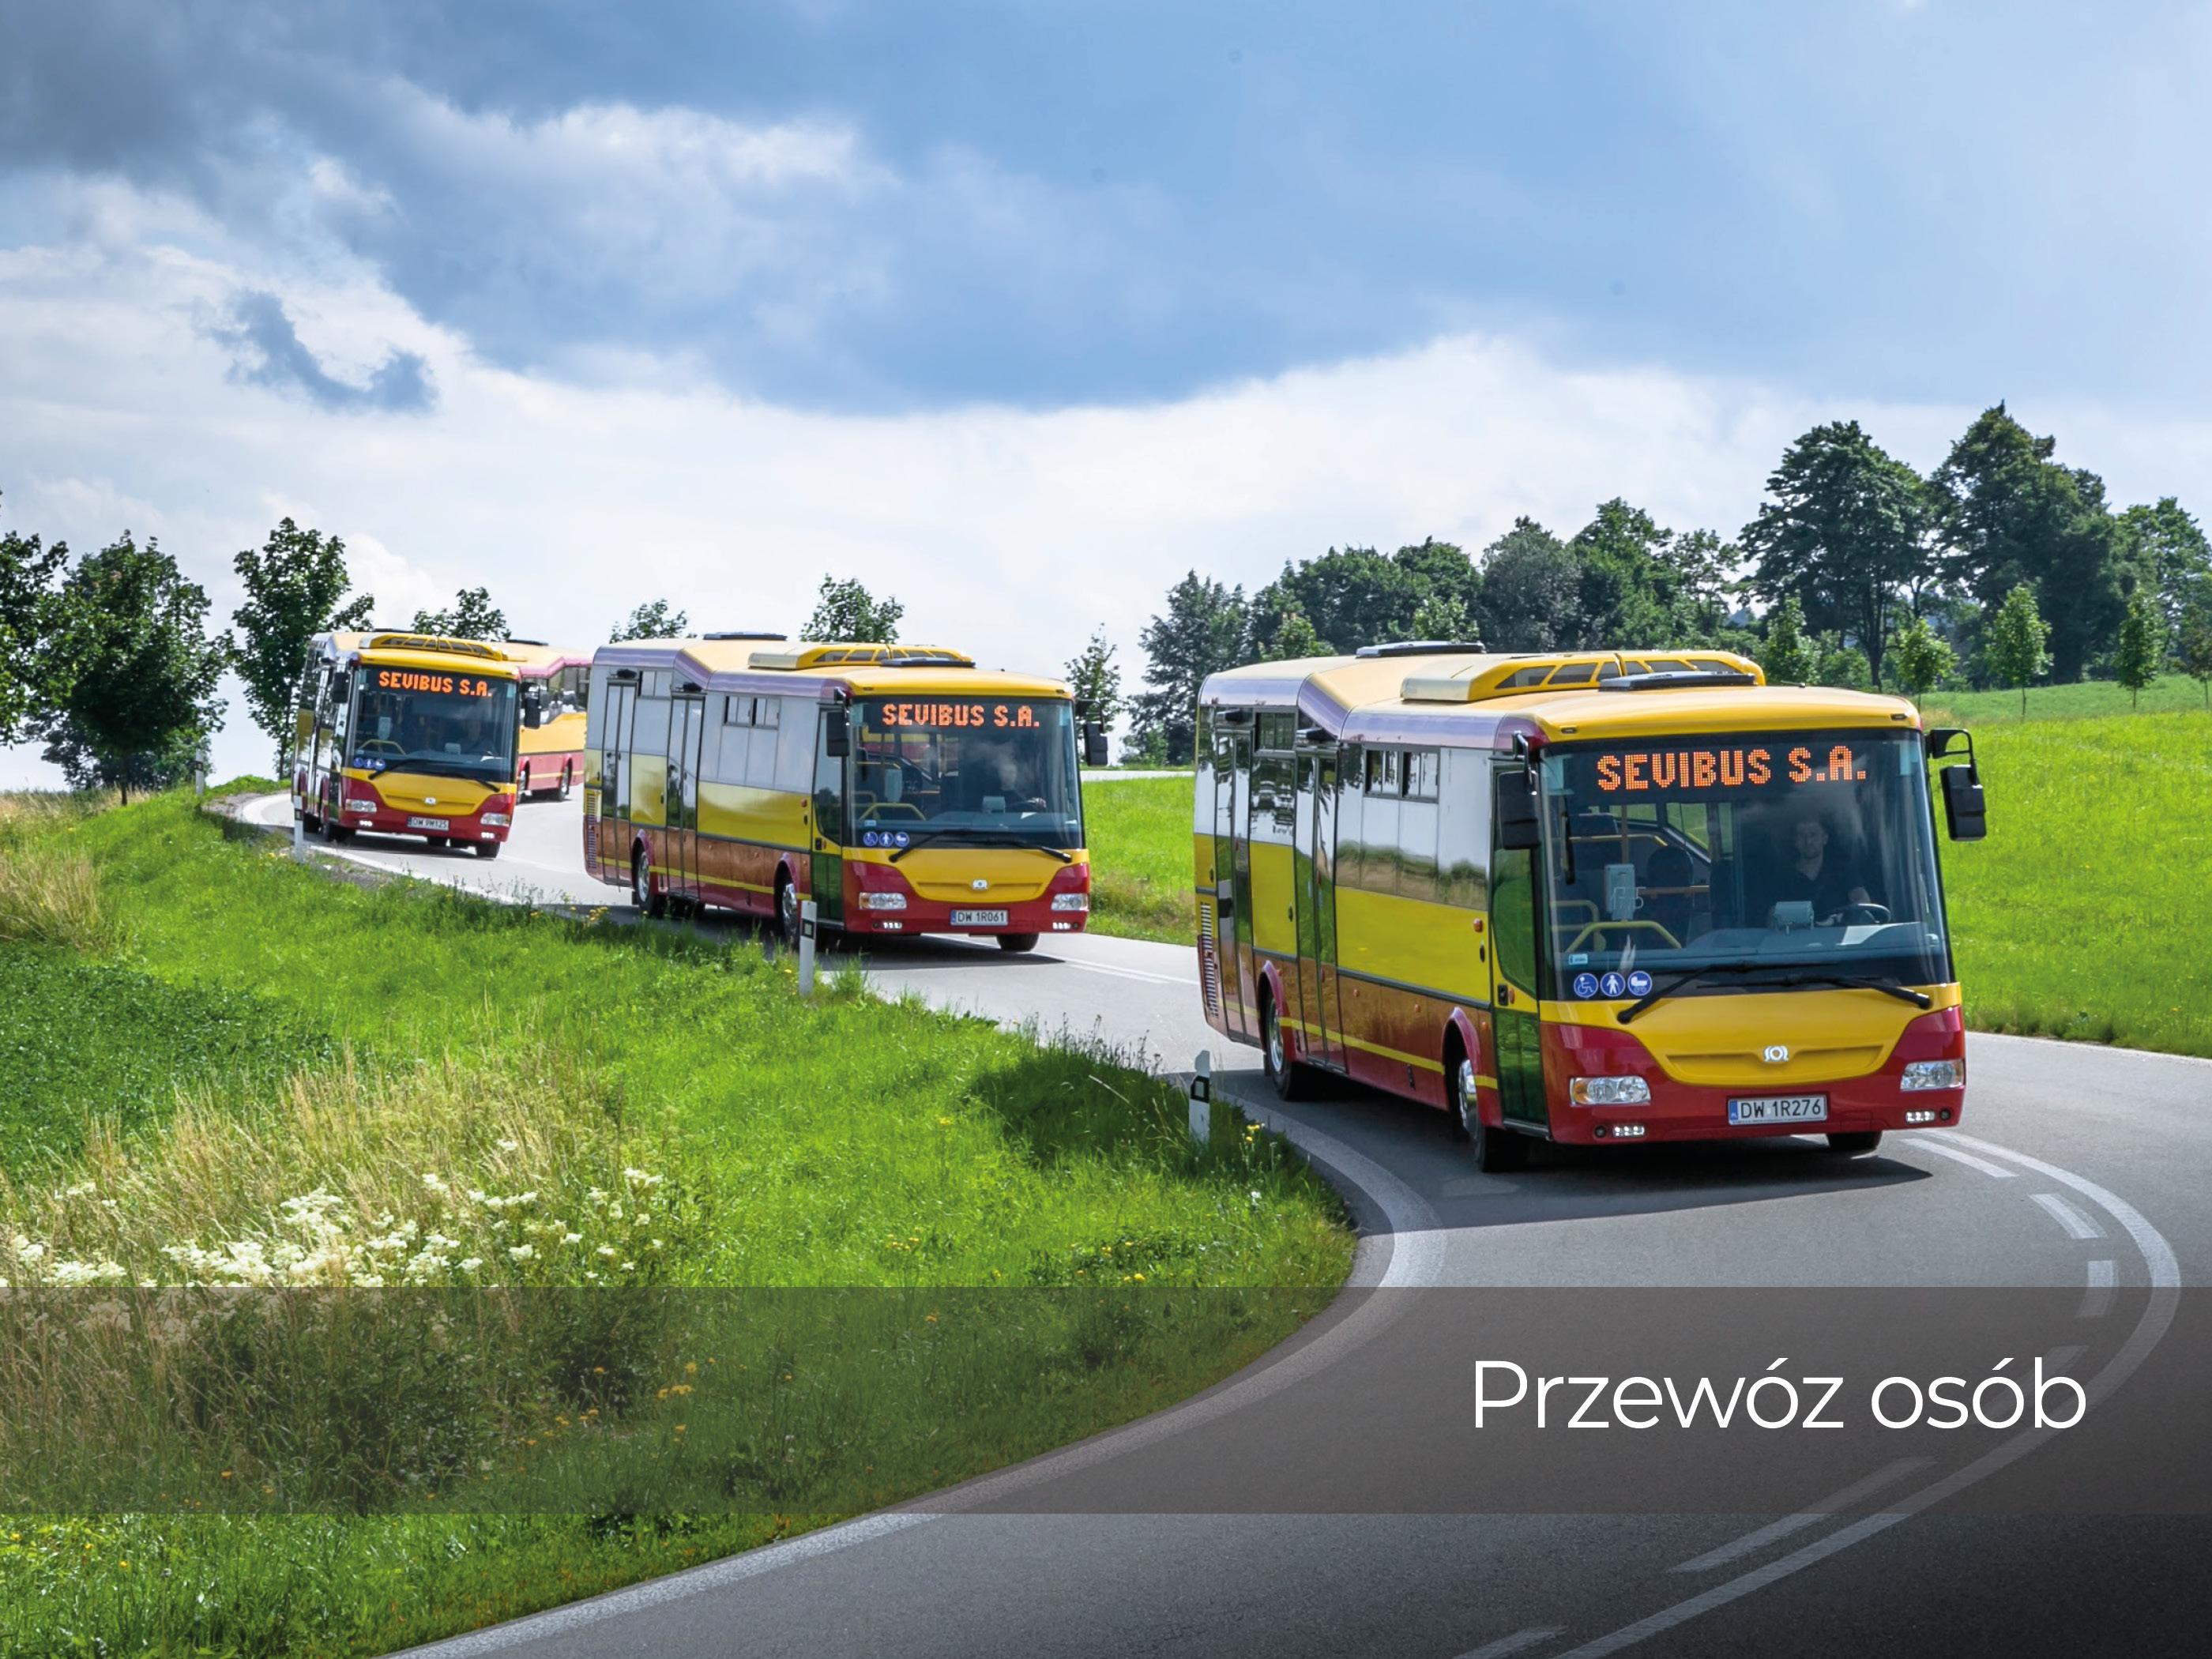 Centrum usług motoryzacyjnych Sułowska 10 Wrocław Okręgowa Stacja Kontroli Pojazdów Myjnia TIR Przewóz osób Tachografy CB Przeglądy rejestracyjne Geometria kół